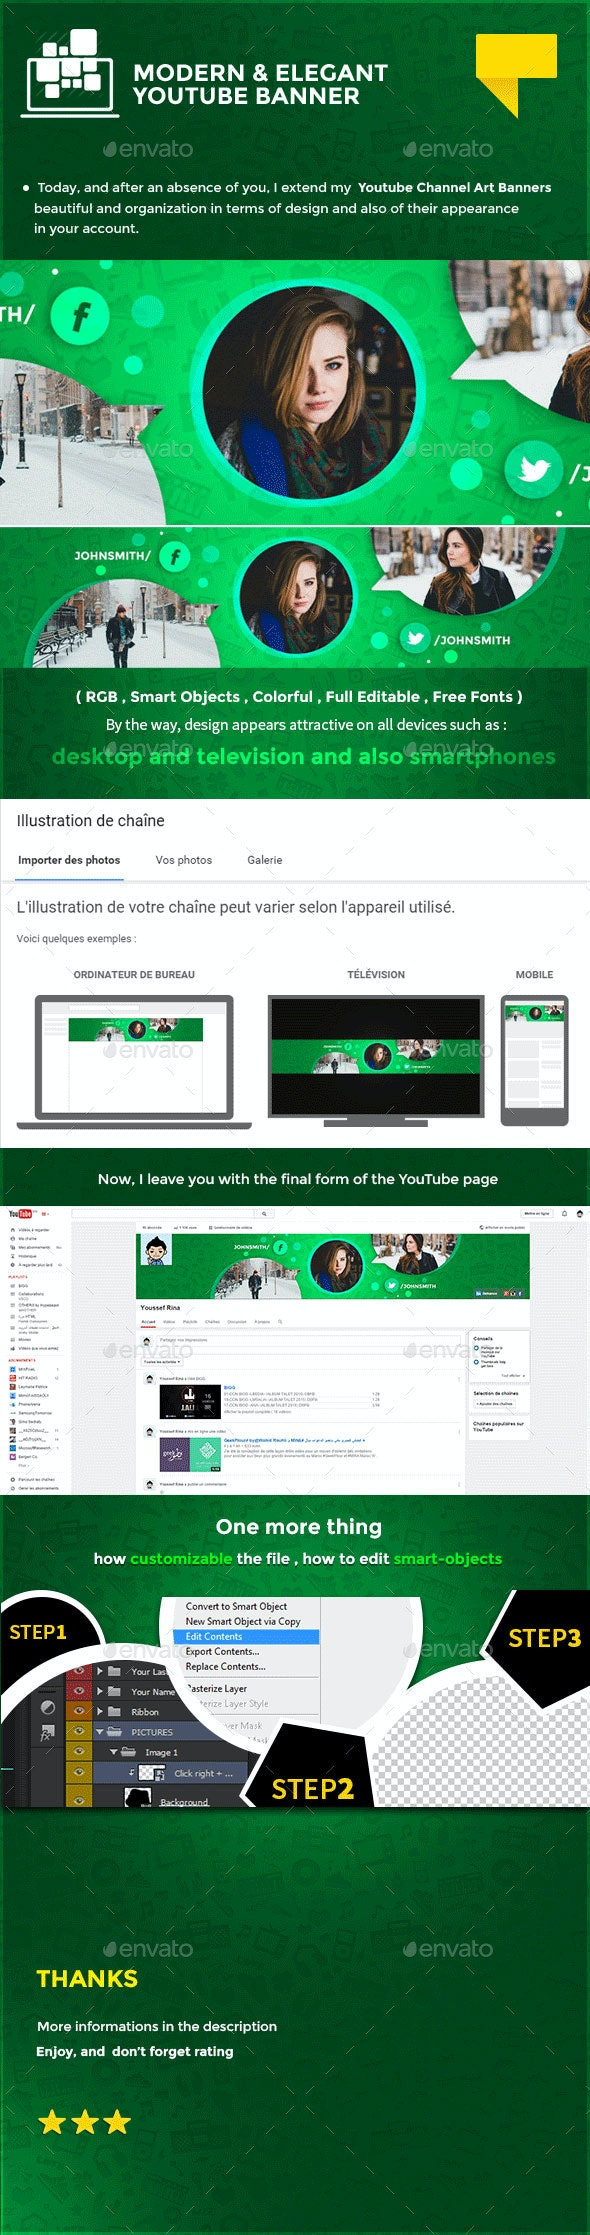 Elegant Youtube Banner - YouTube Social Media